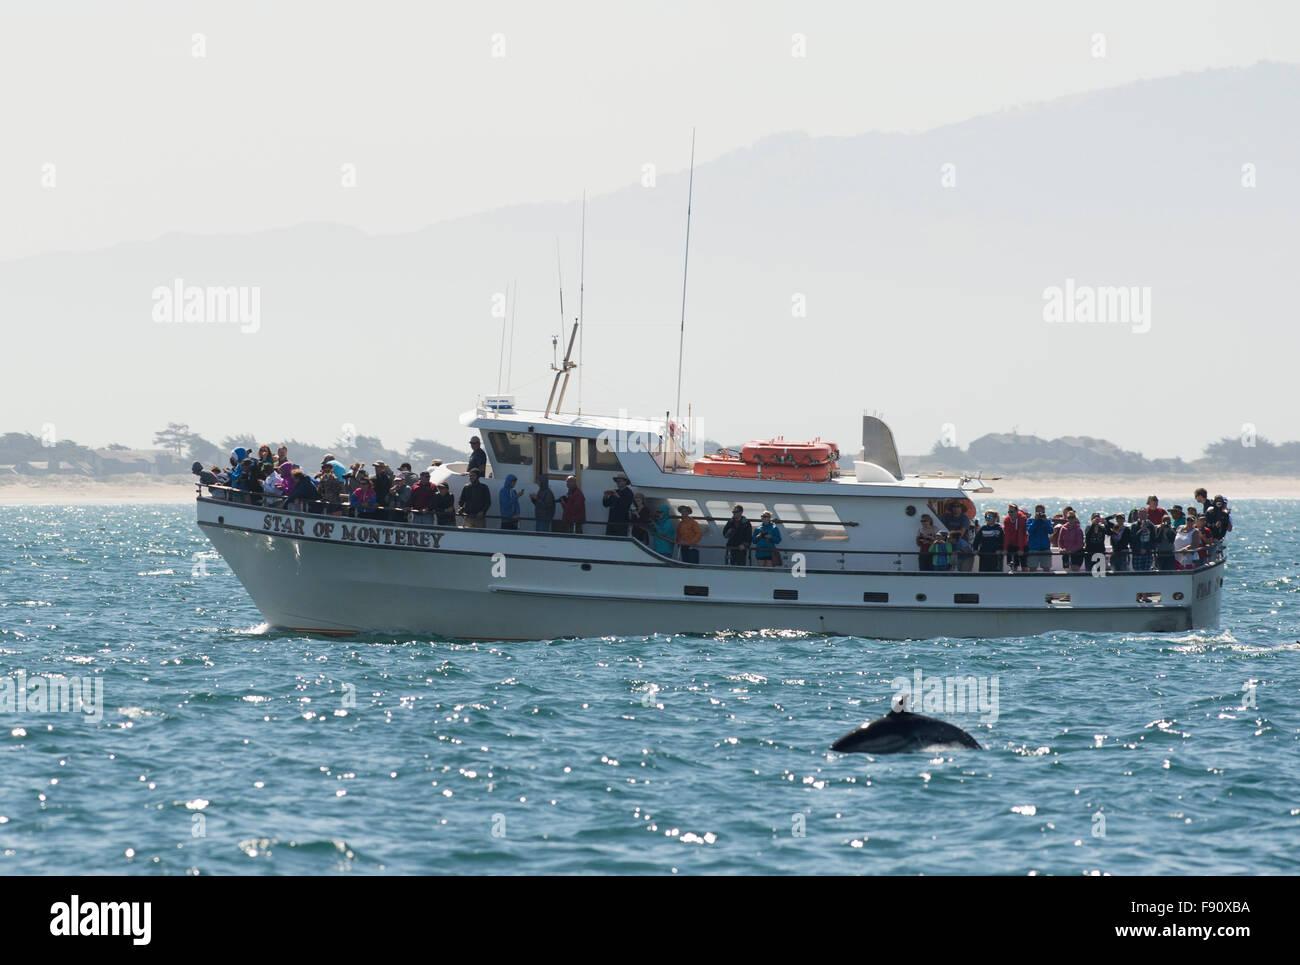 Monterey, ESTADOS UNIDOS. 12 dic, 2015. Los visitantes pueden ver a las ballenas en Monterey, California, Estados Imagen De Stock